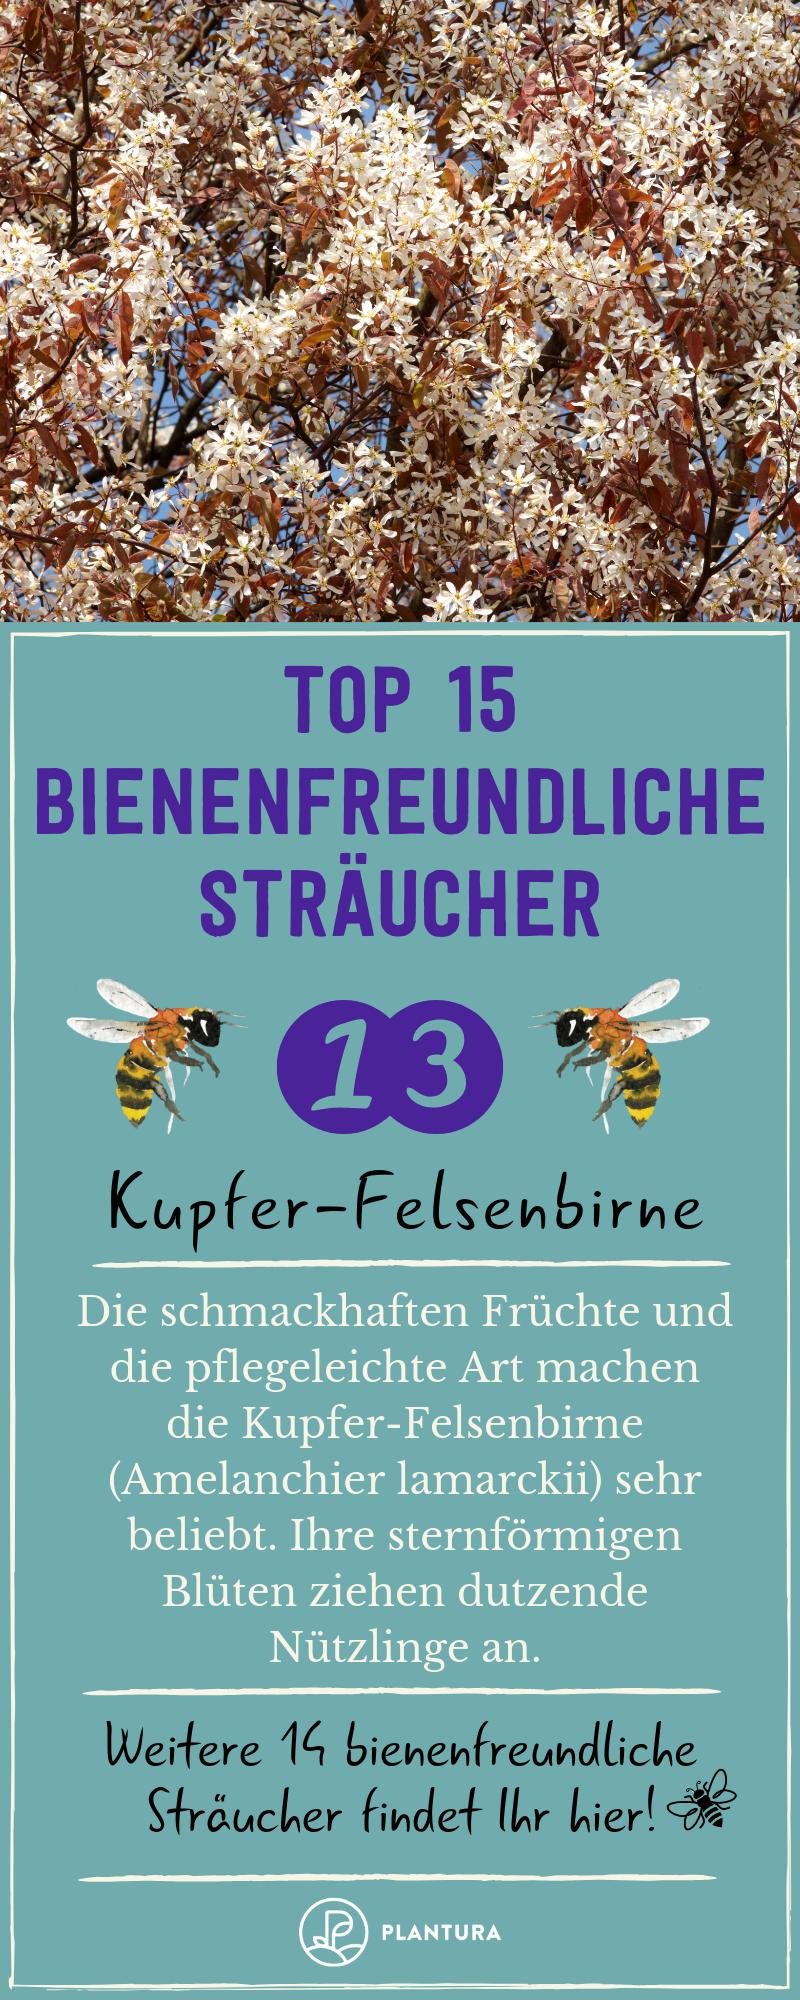 Bienenfreundliche Straucher Top 15 Bienenstraucher Bienenfreundliche Straucher Felsenbirne Kupfer Felsenbirne